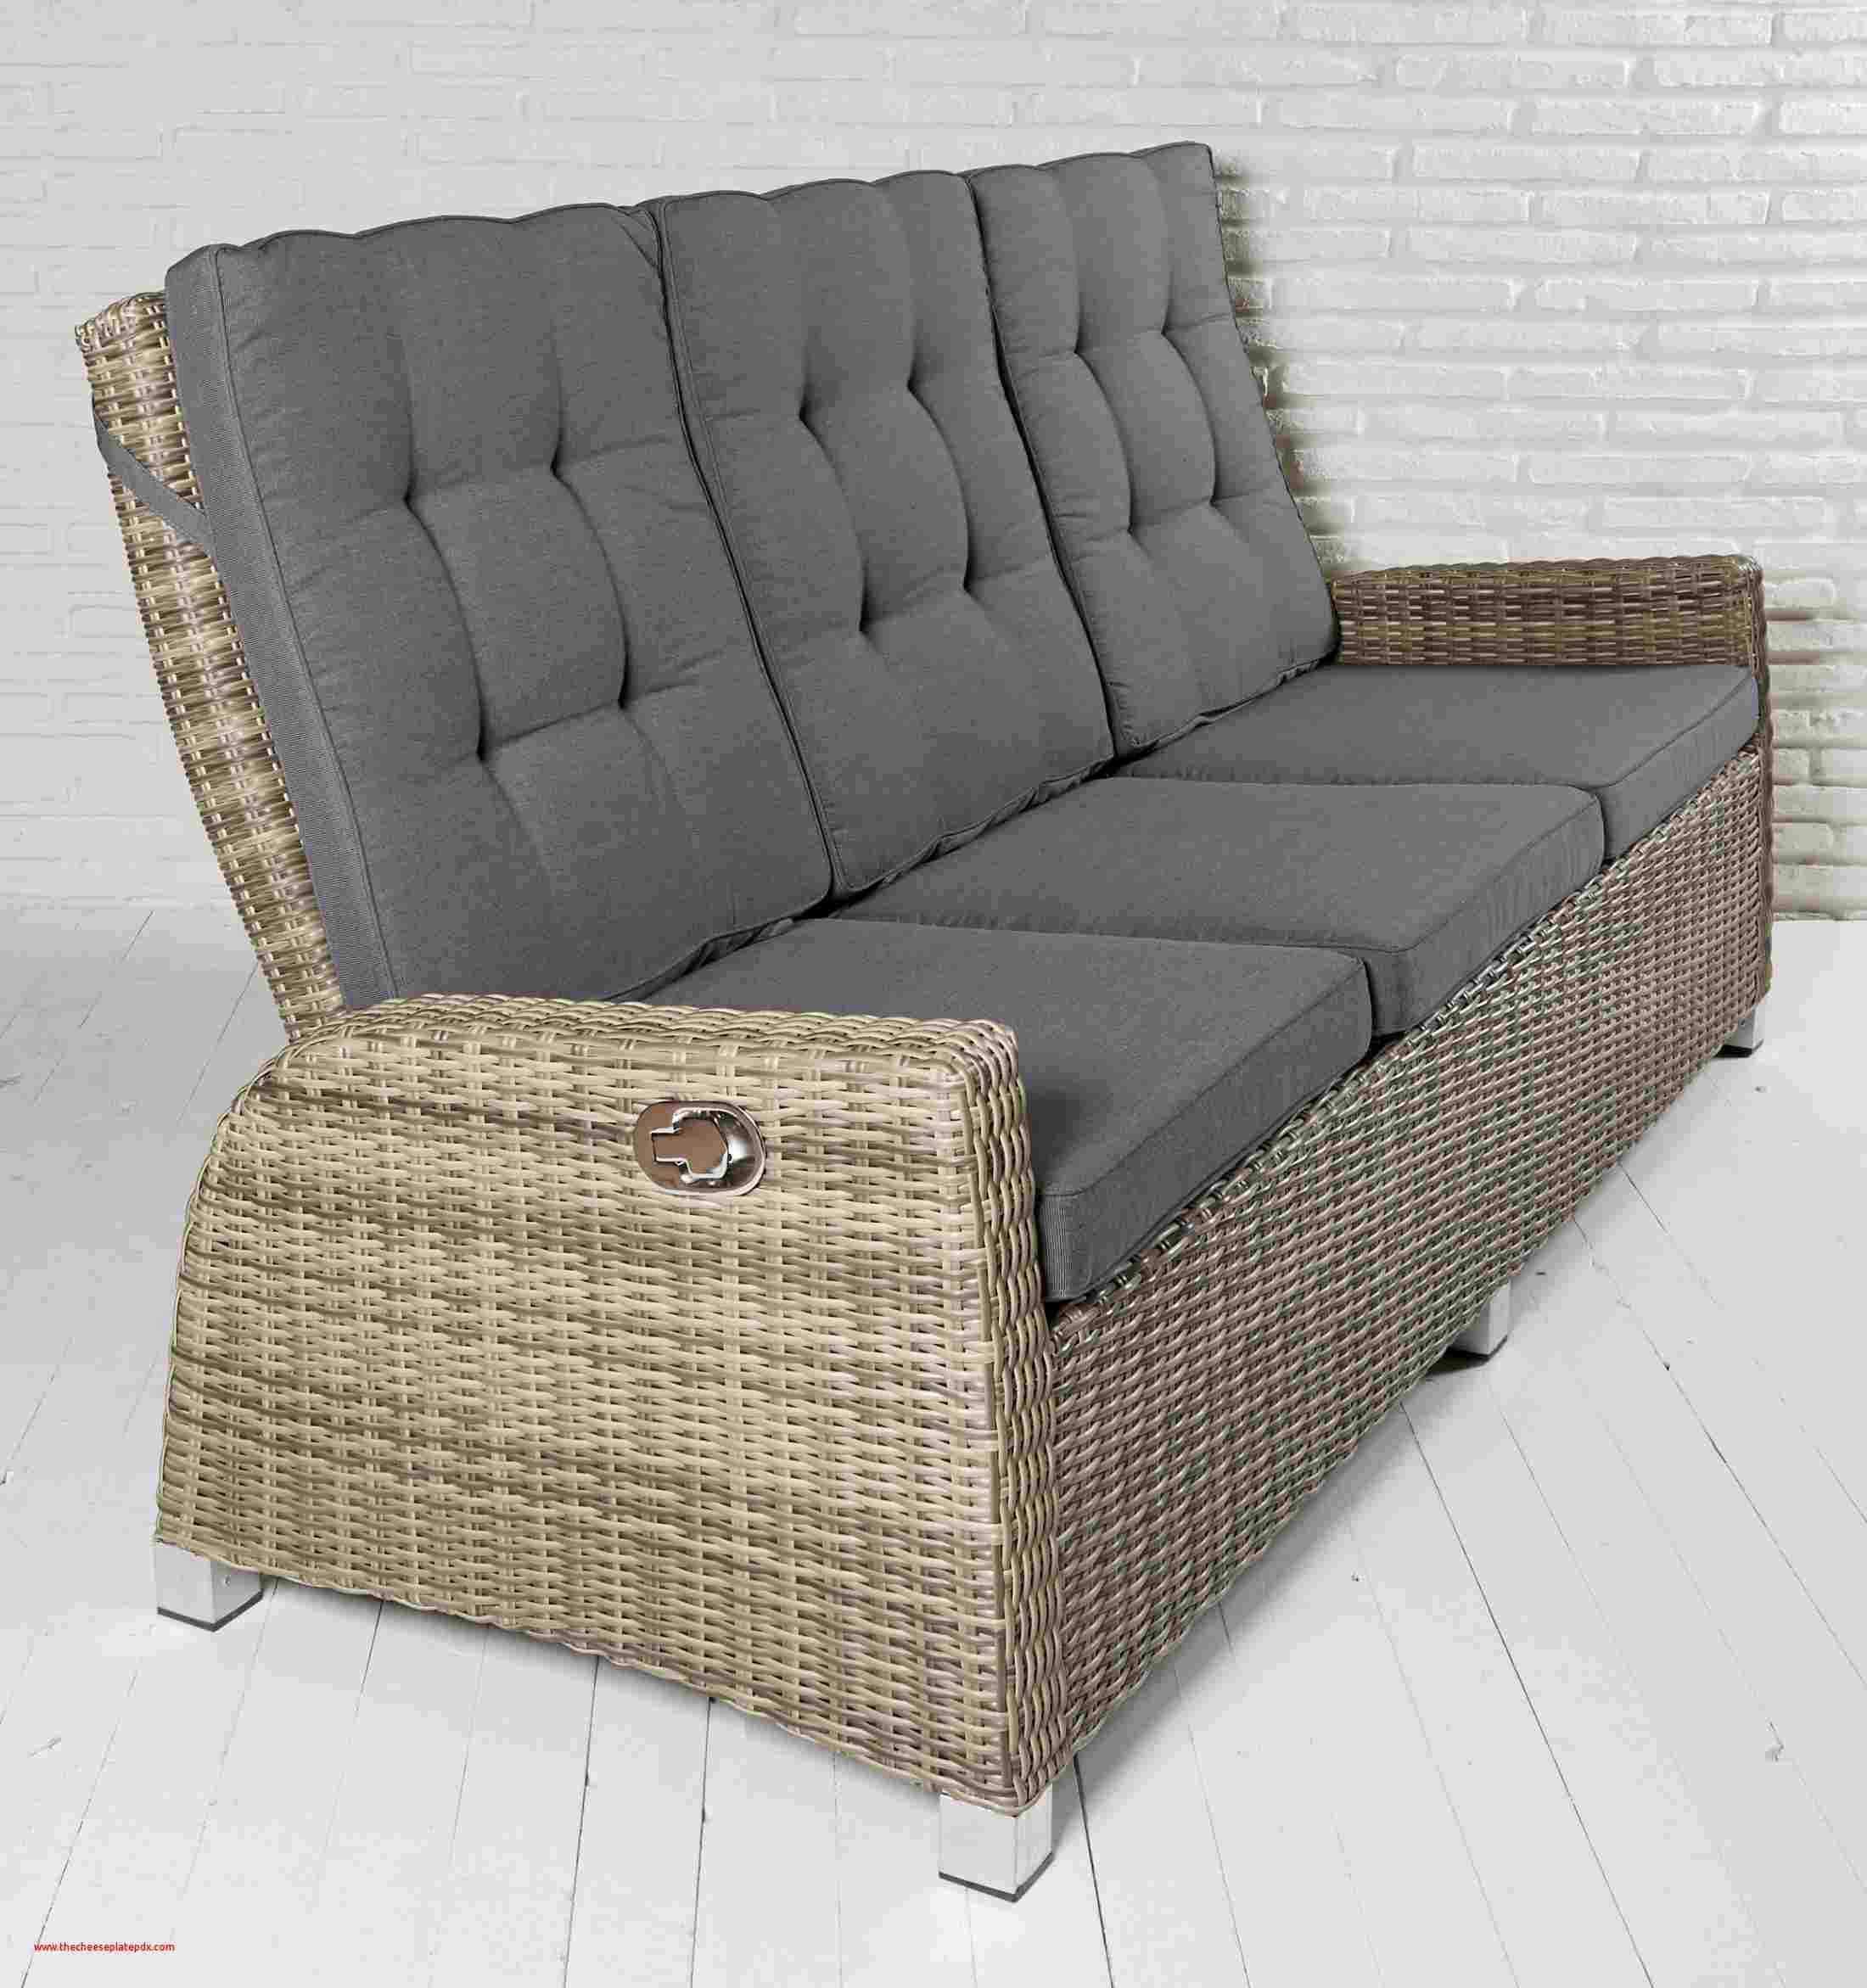 Garten Ecksofa Luxus 40 Neu Rattan sofa Wohnzimmer Luxus